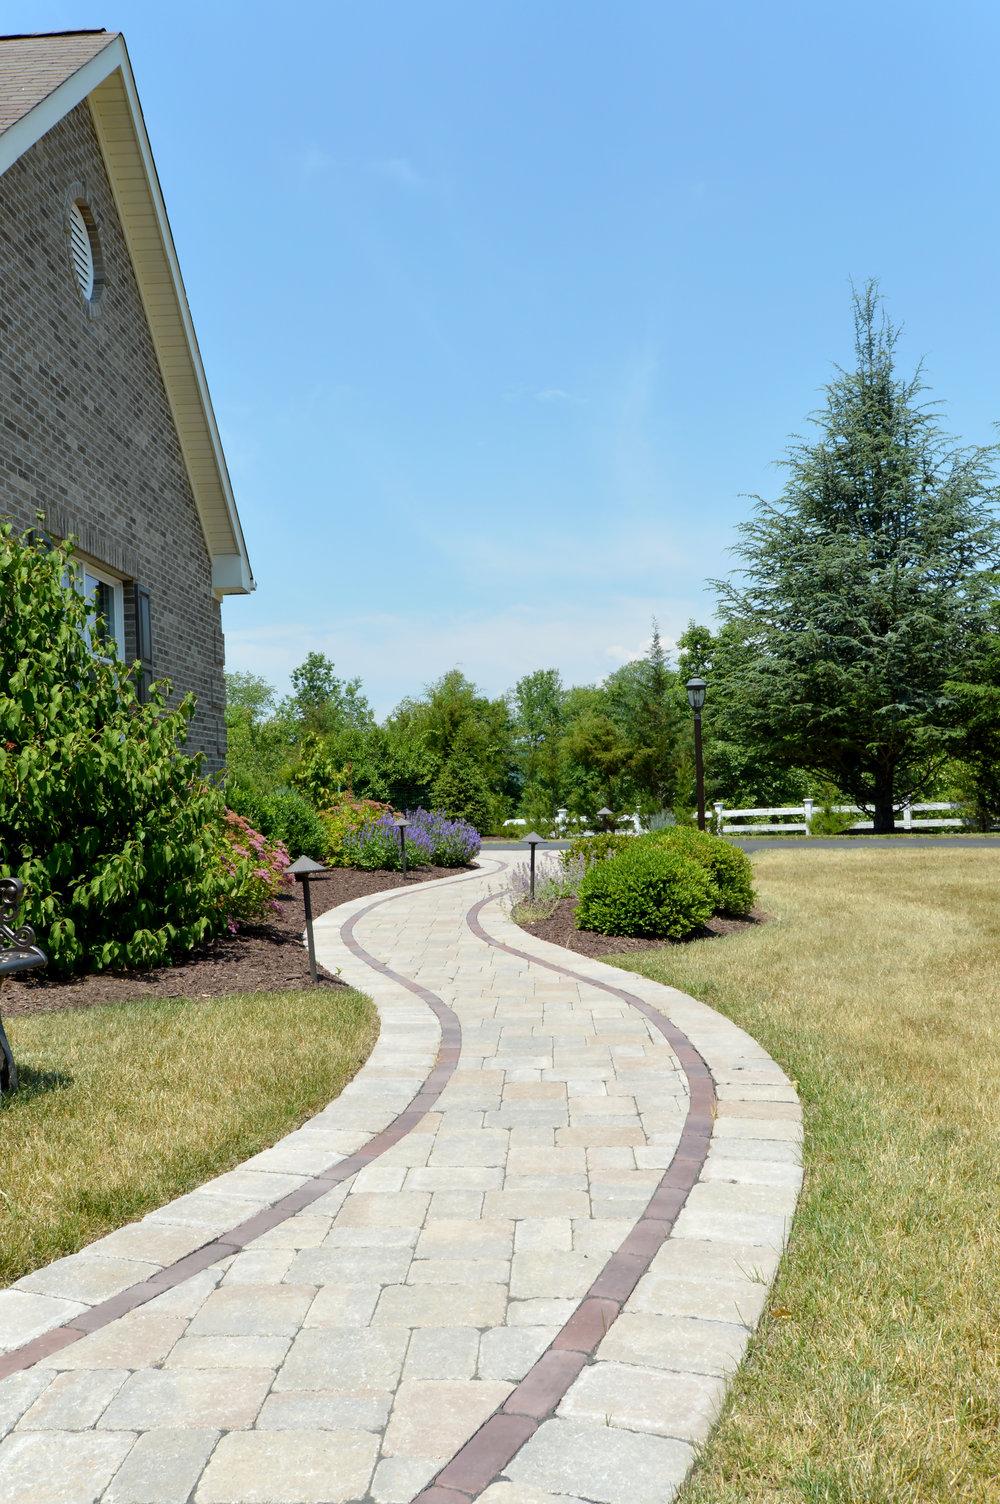 Warwick, NY unilock paver walkway